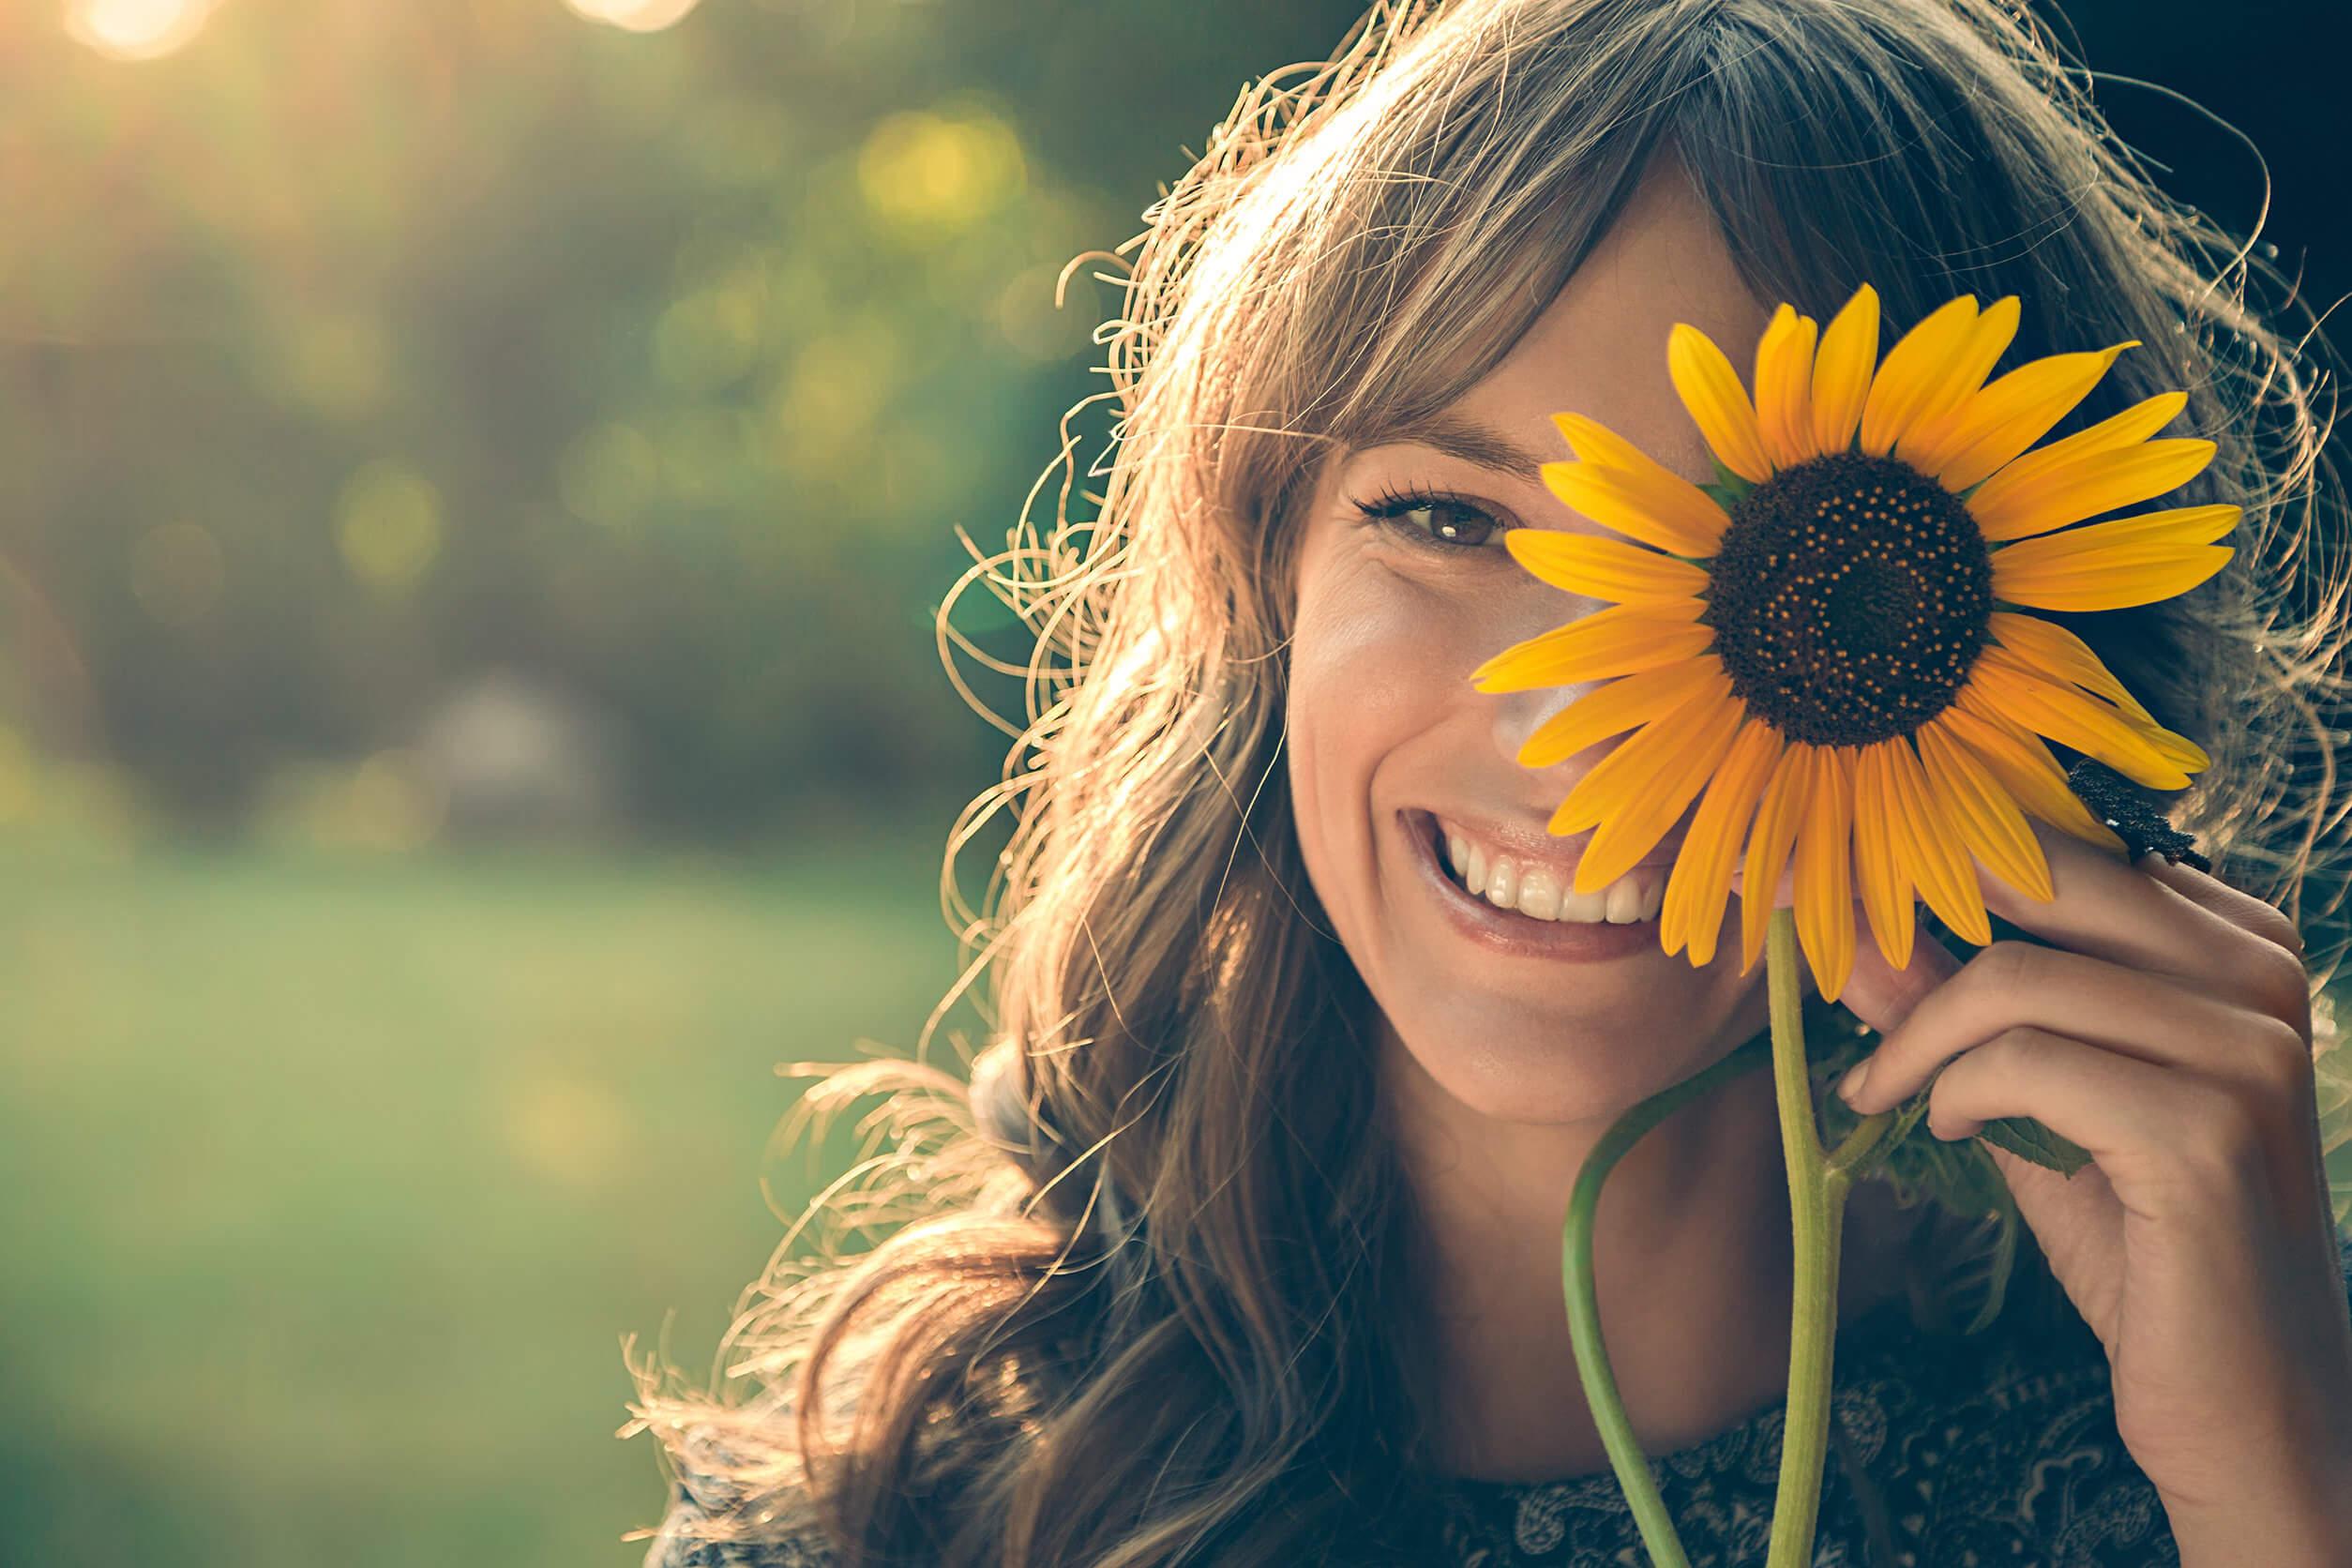 Cuando la vida se pone difícil, sonríe